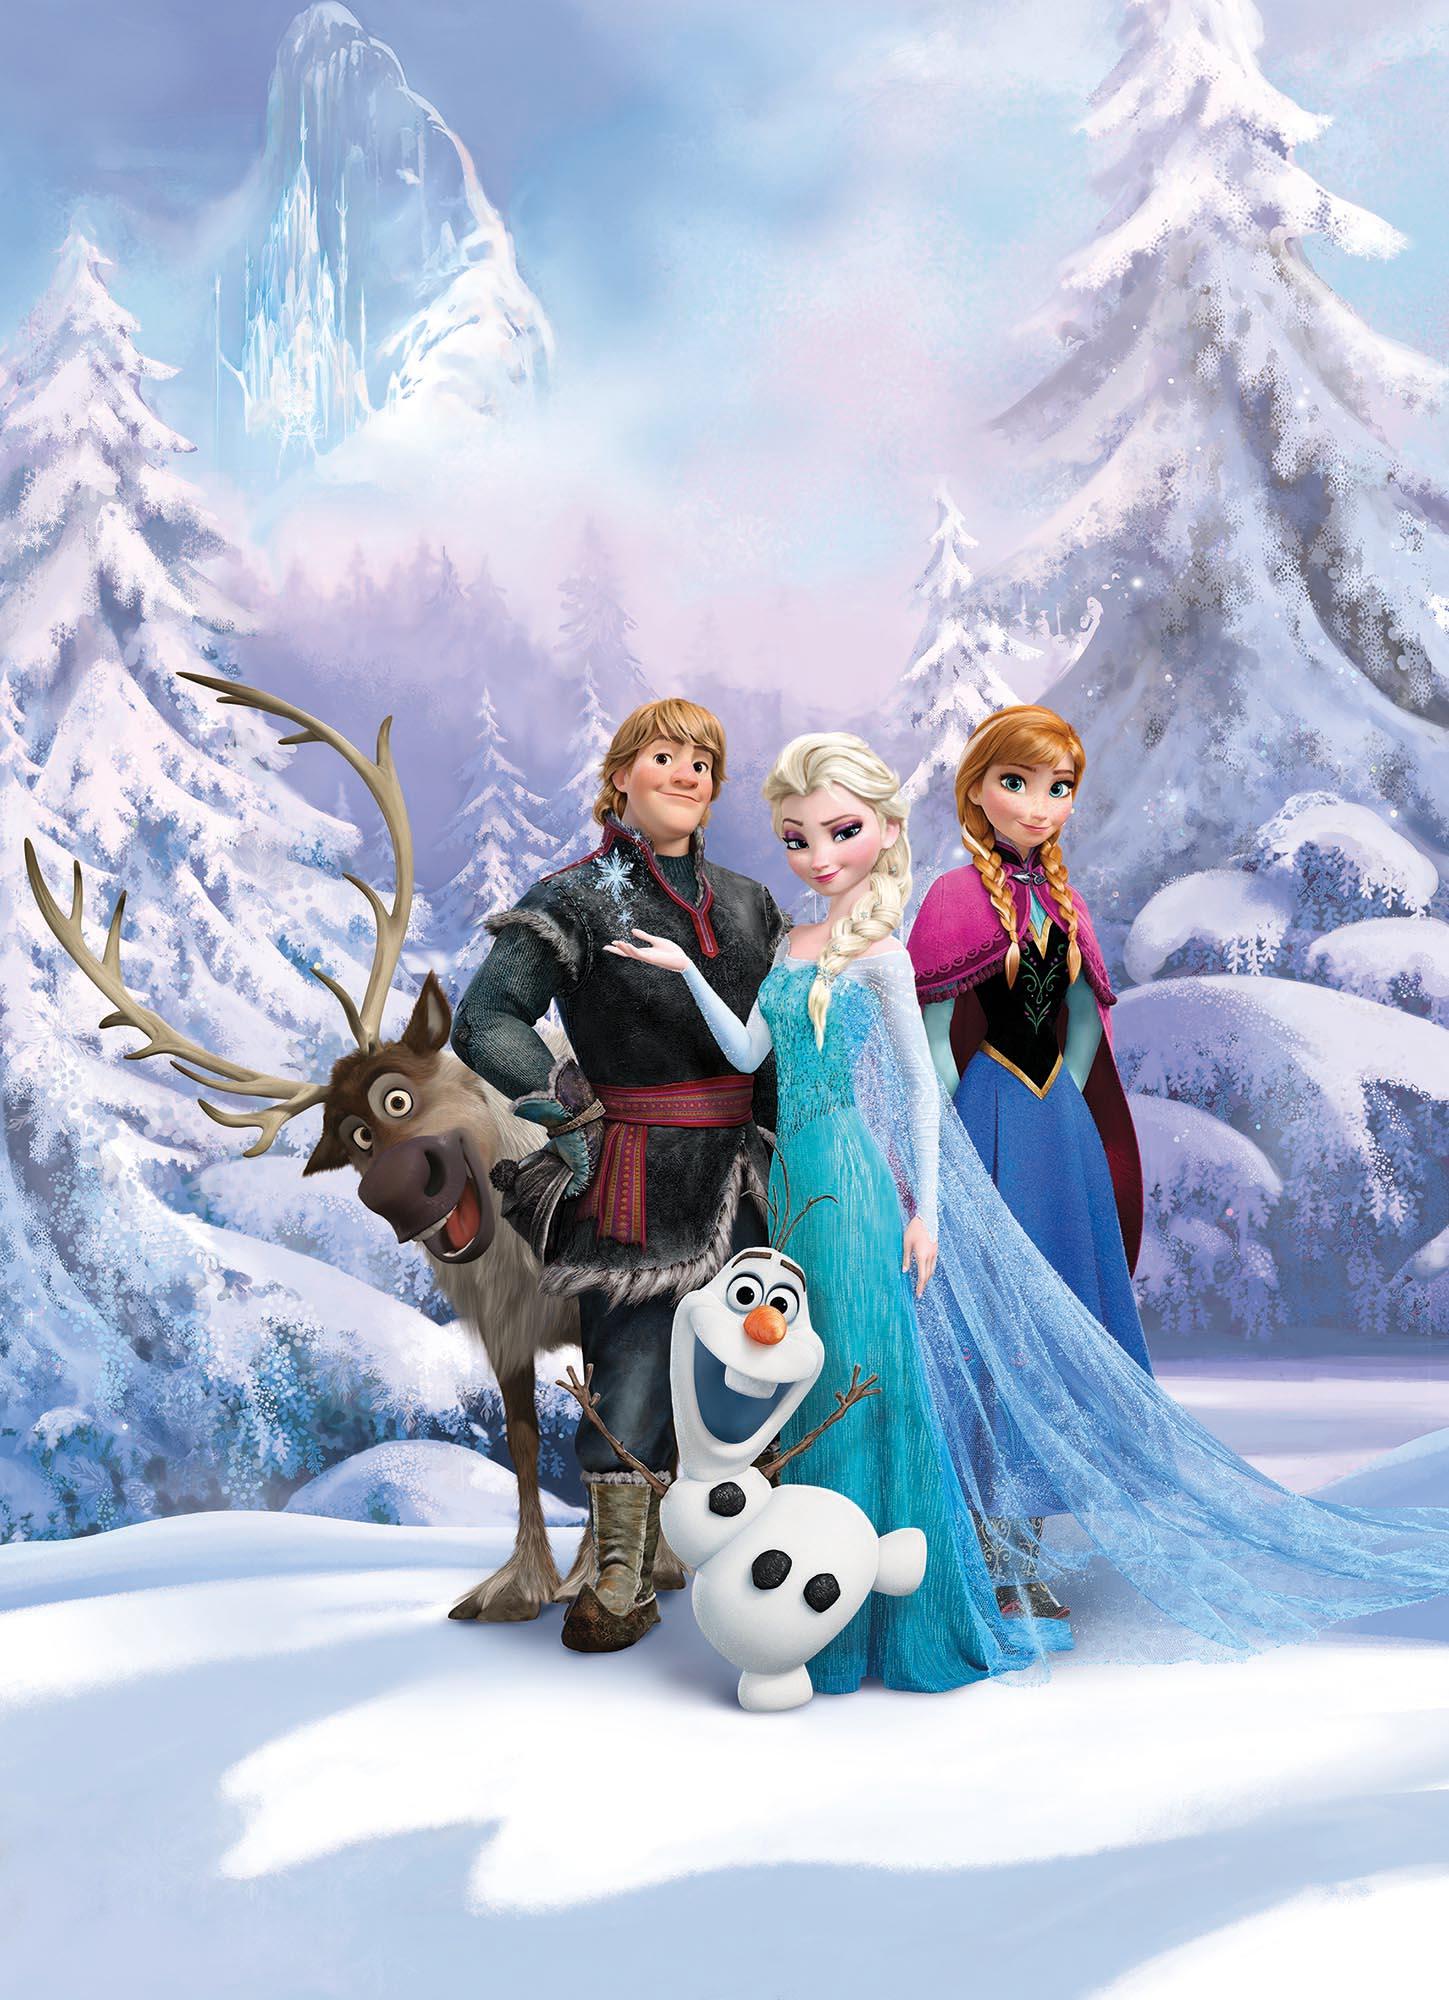 Fototapete Frozen Winter Land Von Komar Disney